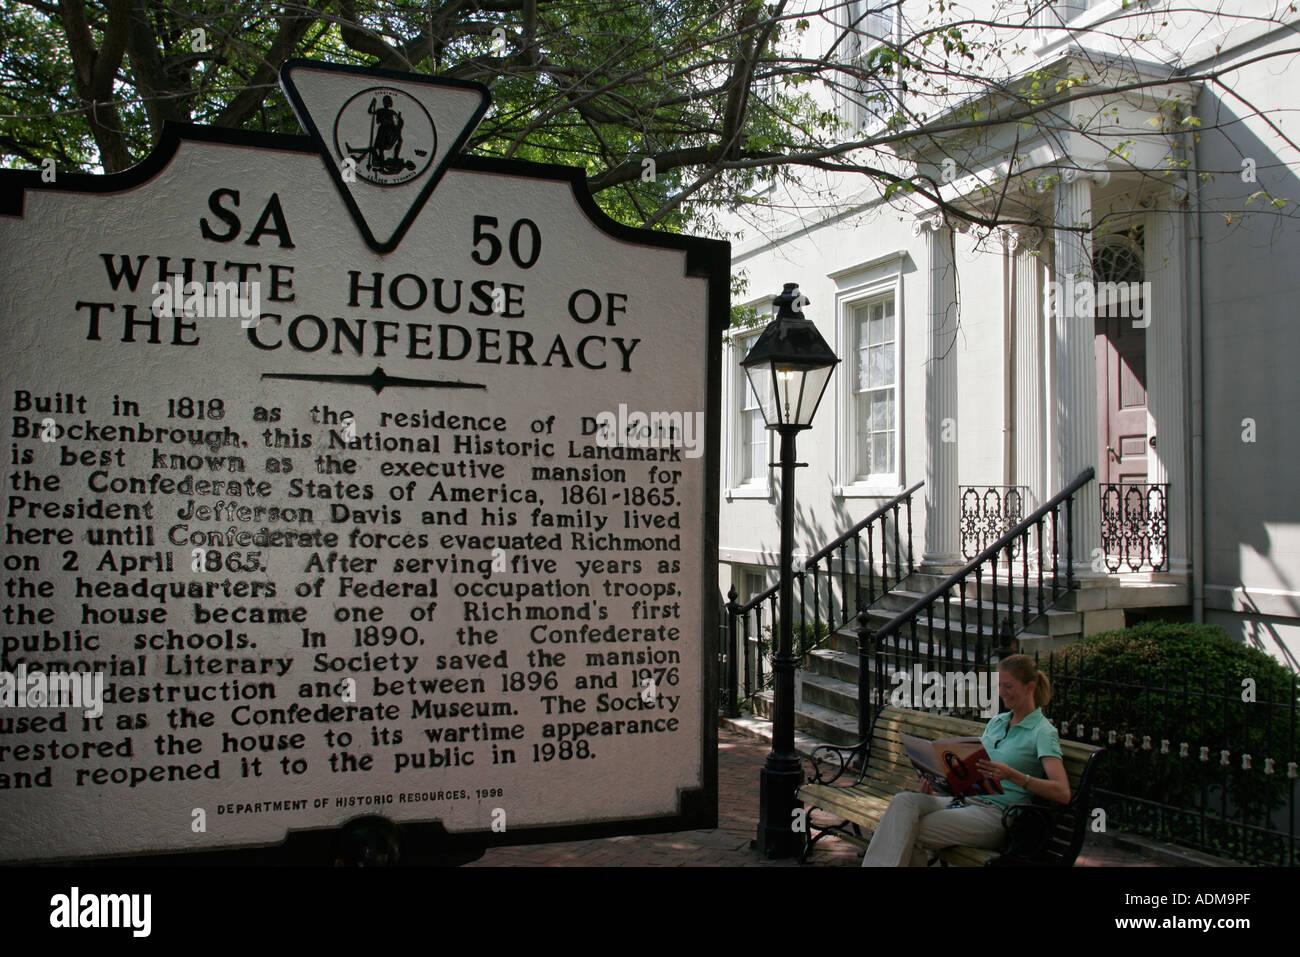 Virginia, va, Sur, Richmond, Casa Blanca de la Confederación, construido, 1818, Guerra Civil, visitas turísticas Foto de stock